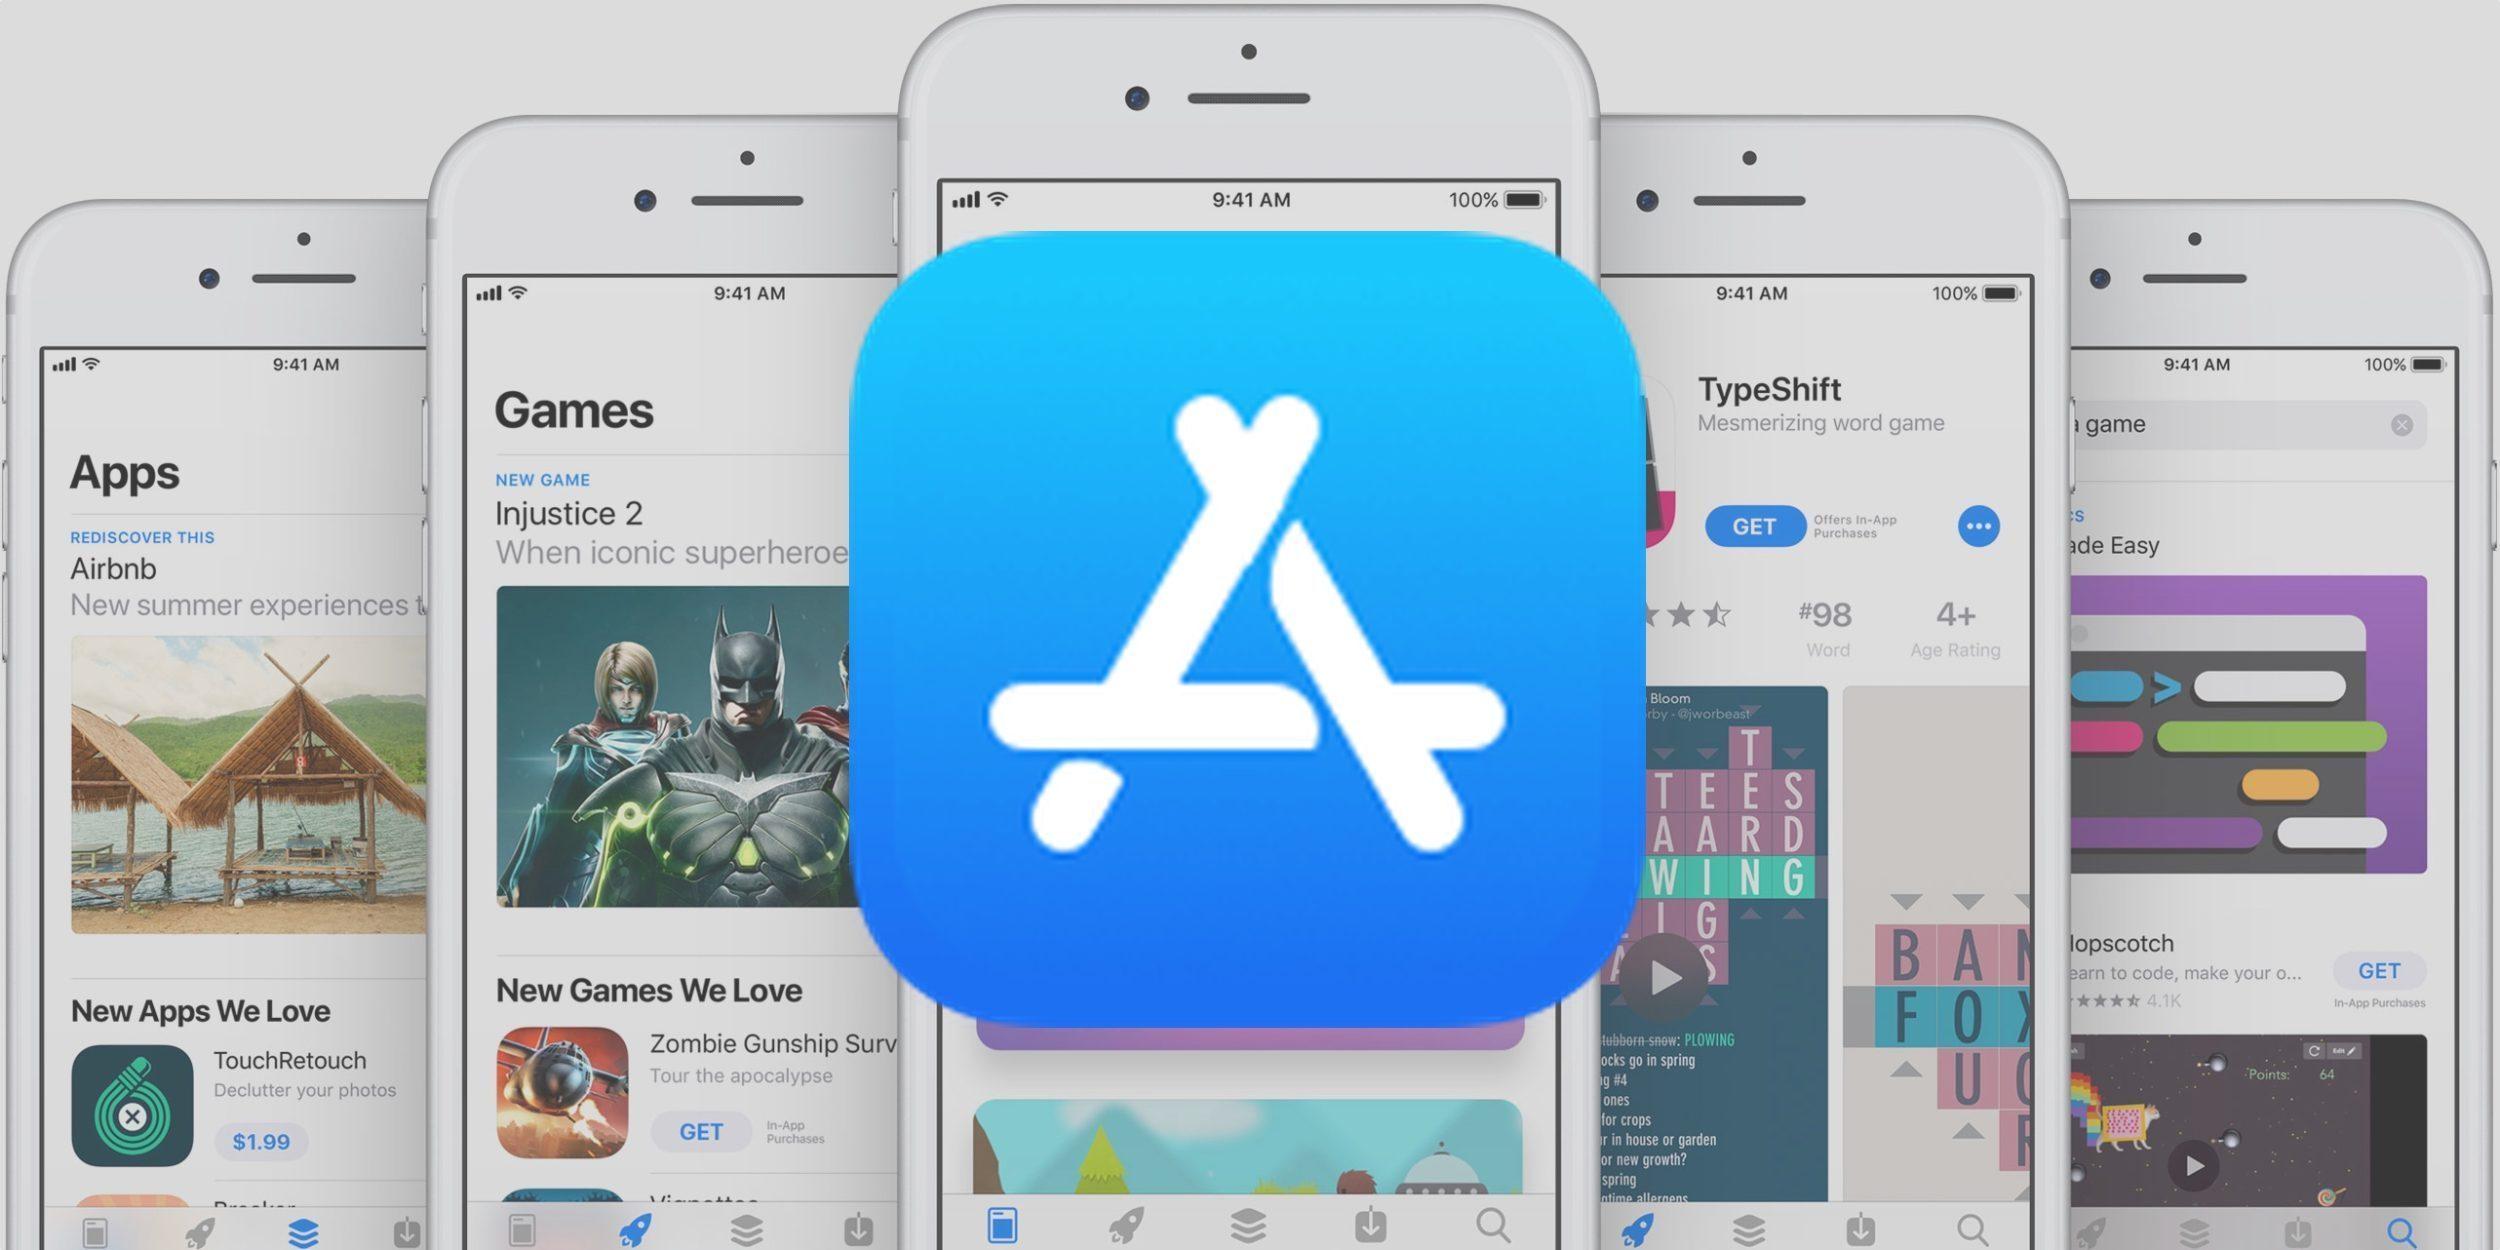 App Store : première baisse des téléchargements, mais hausse des revenus 1